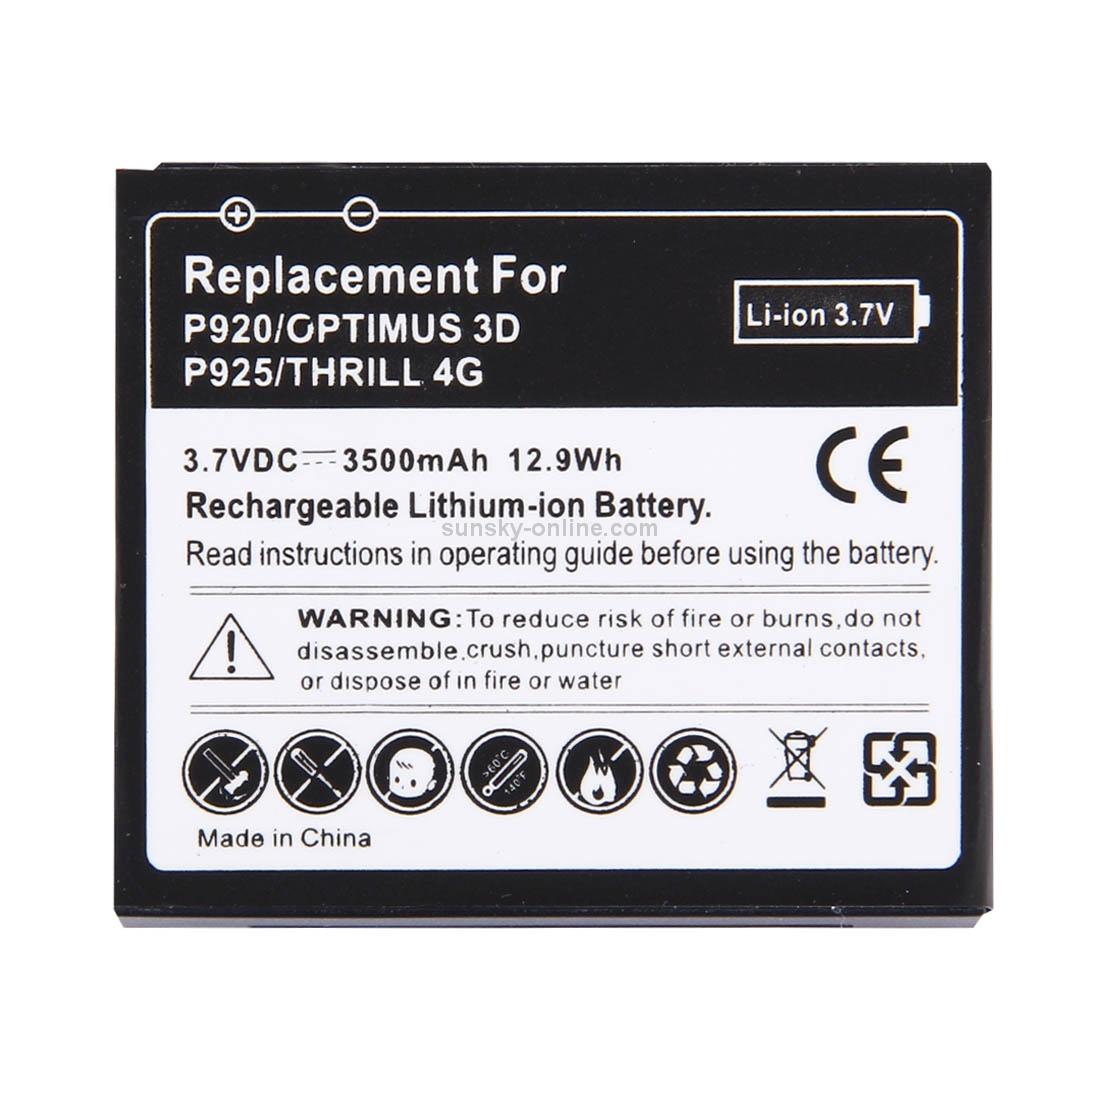 SUNSKY - For LG OPTIMUS 3D P920 / THRILL 4G P925 3 7V